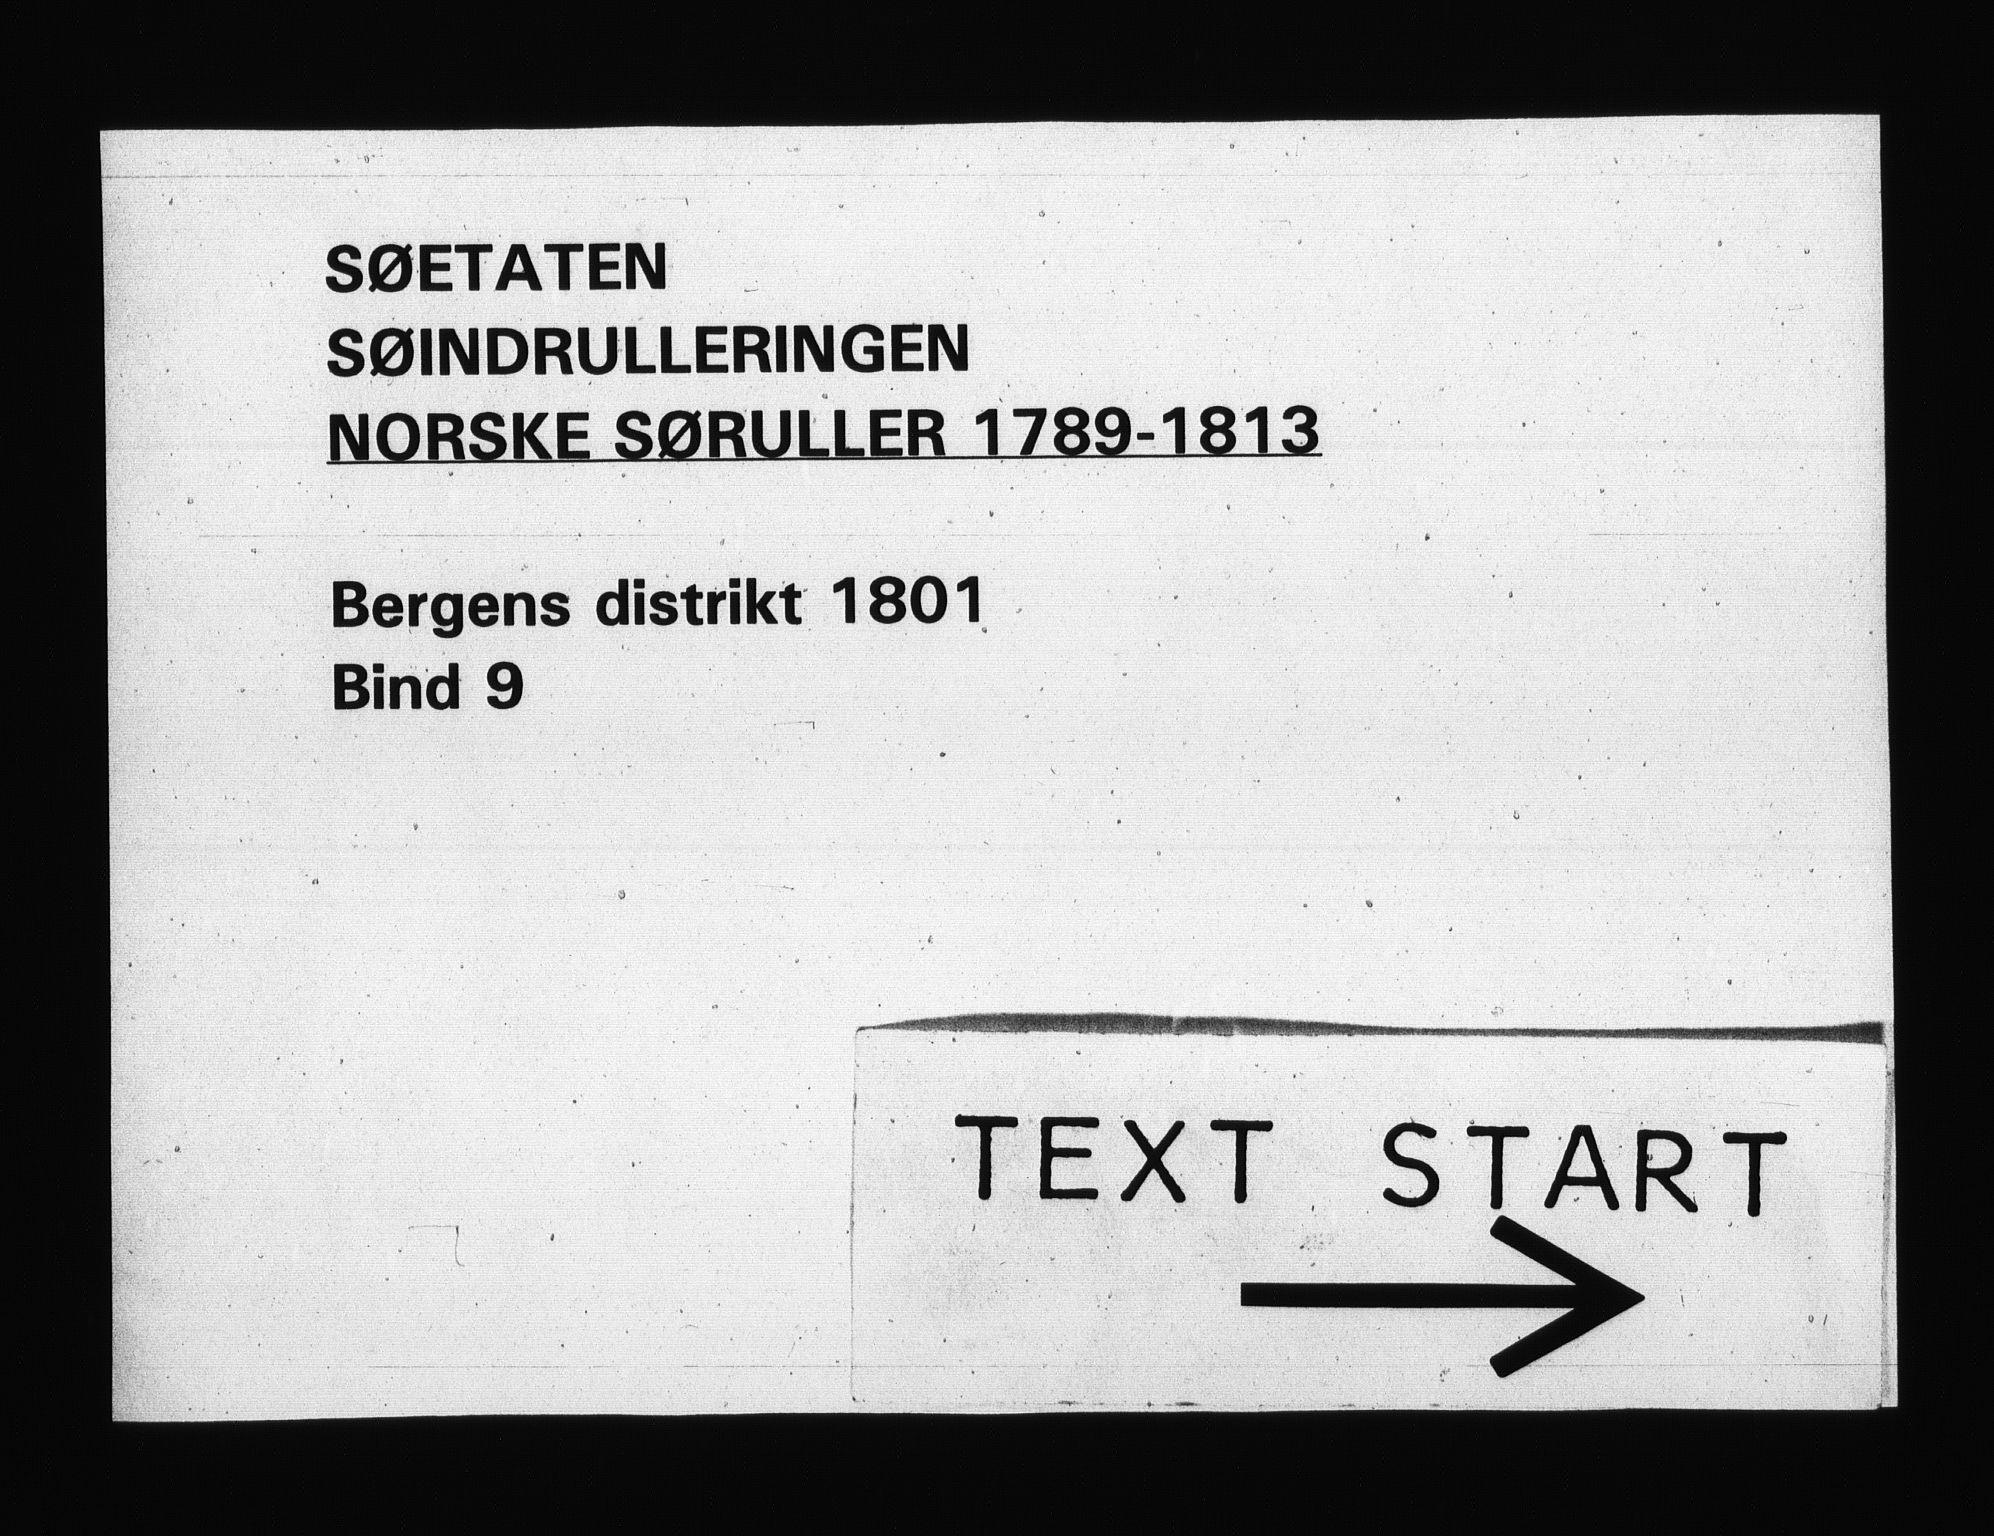 RA, Sjøetaten, F/L0241: Bergen distrikt, bind 9, 1801